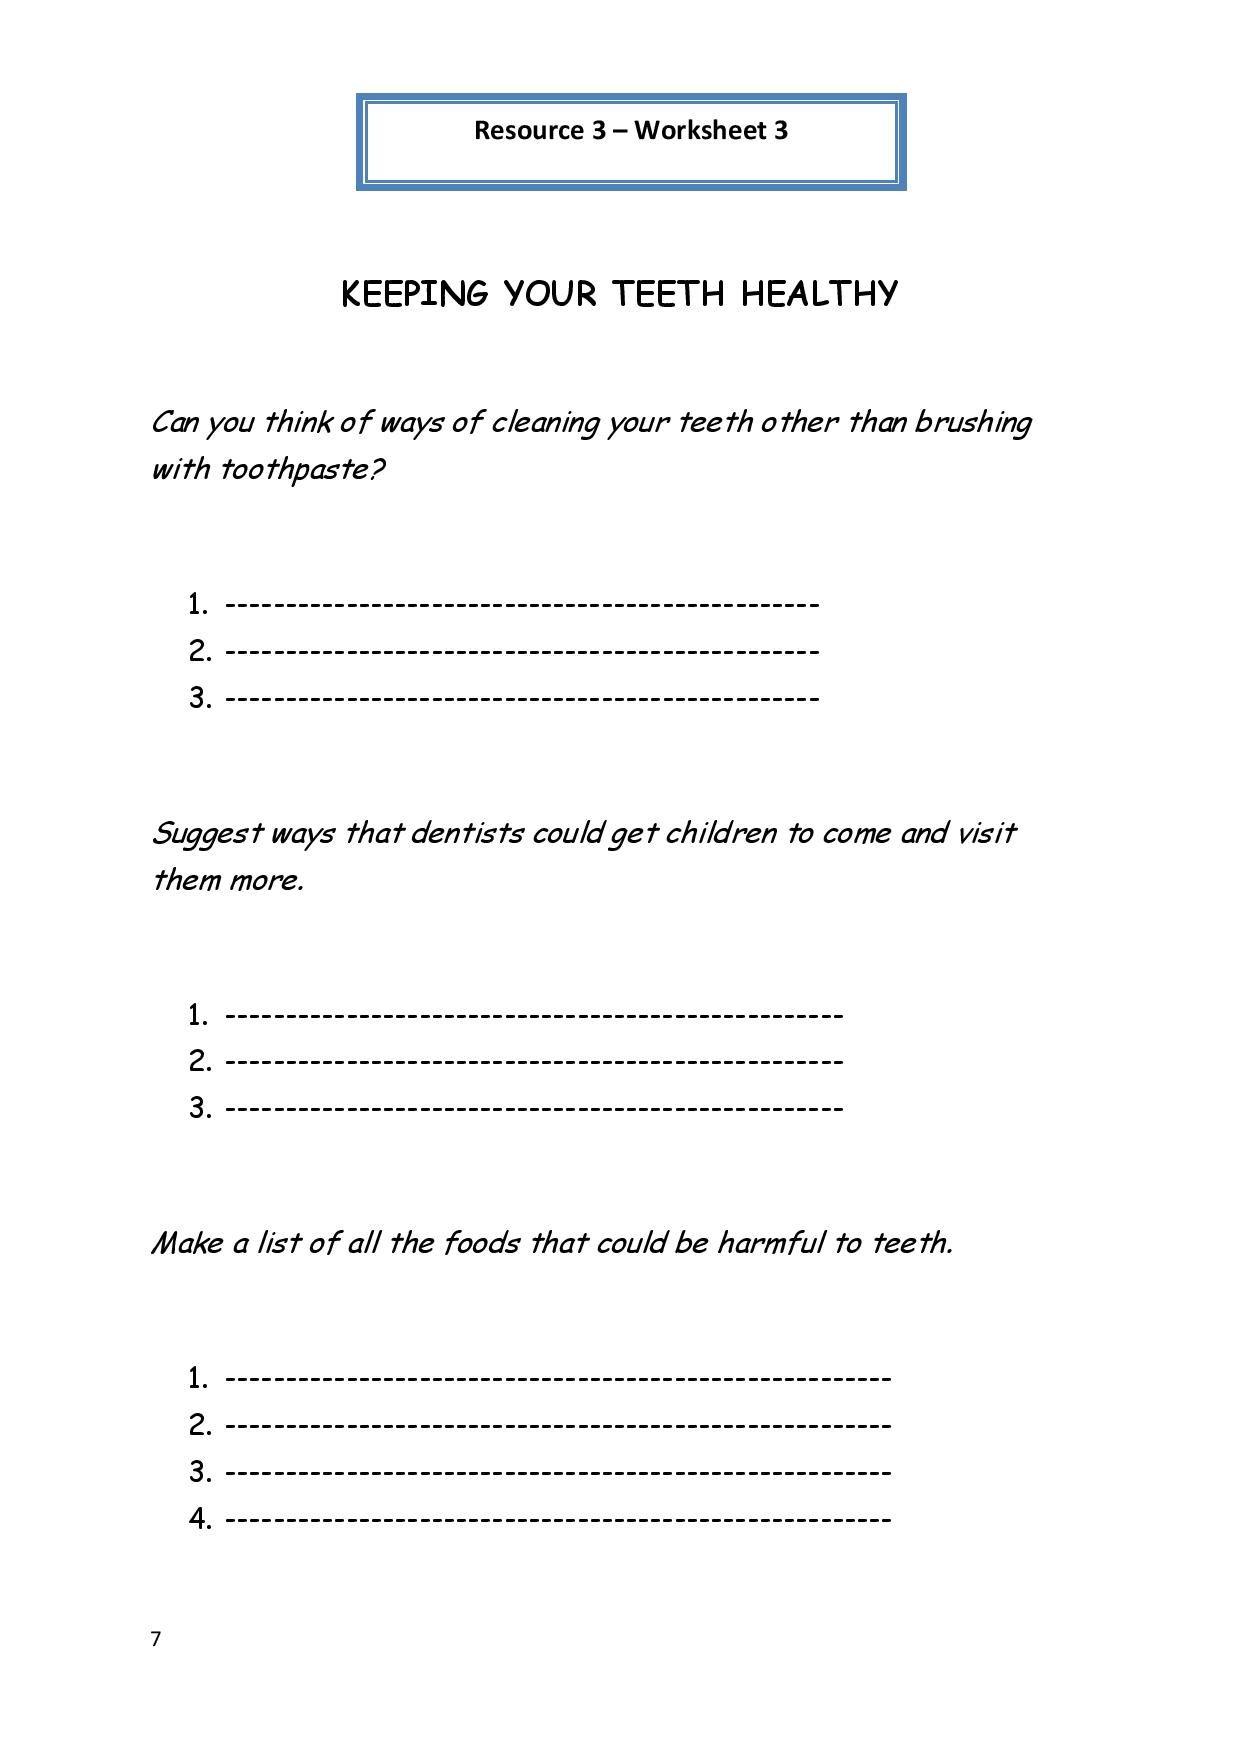 Personal Hygiene Worksheet 3 Keeping Your Teeth Healthy